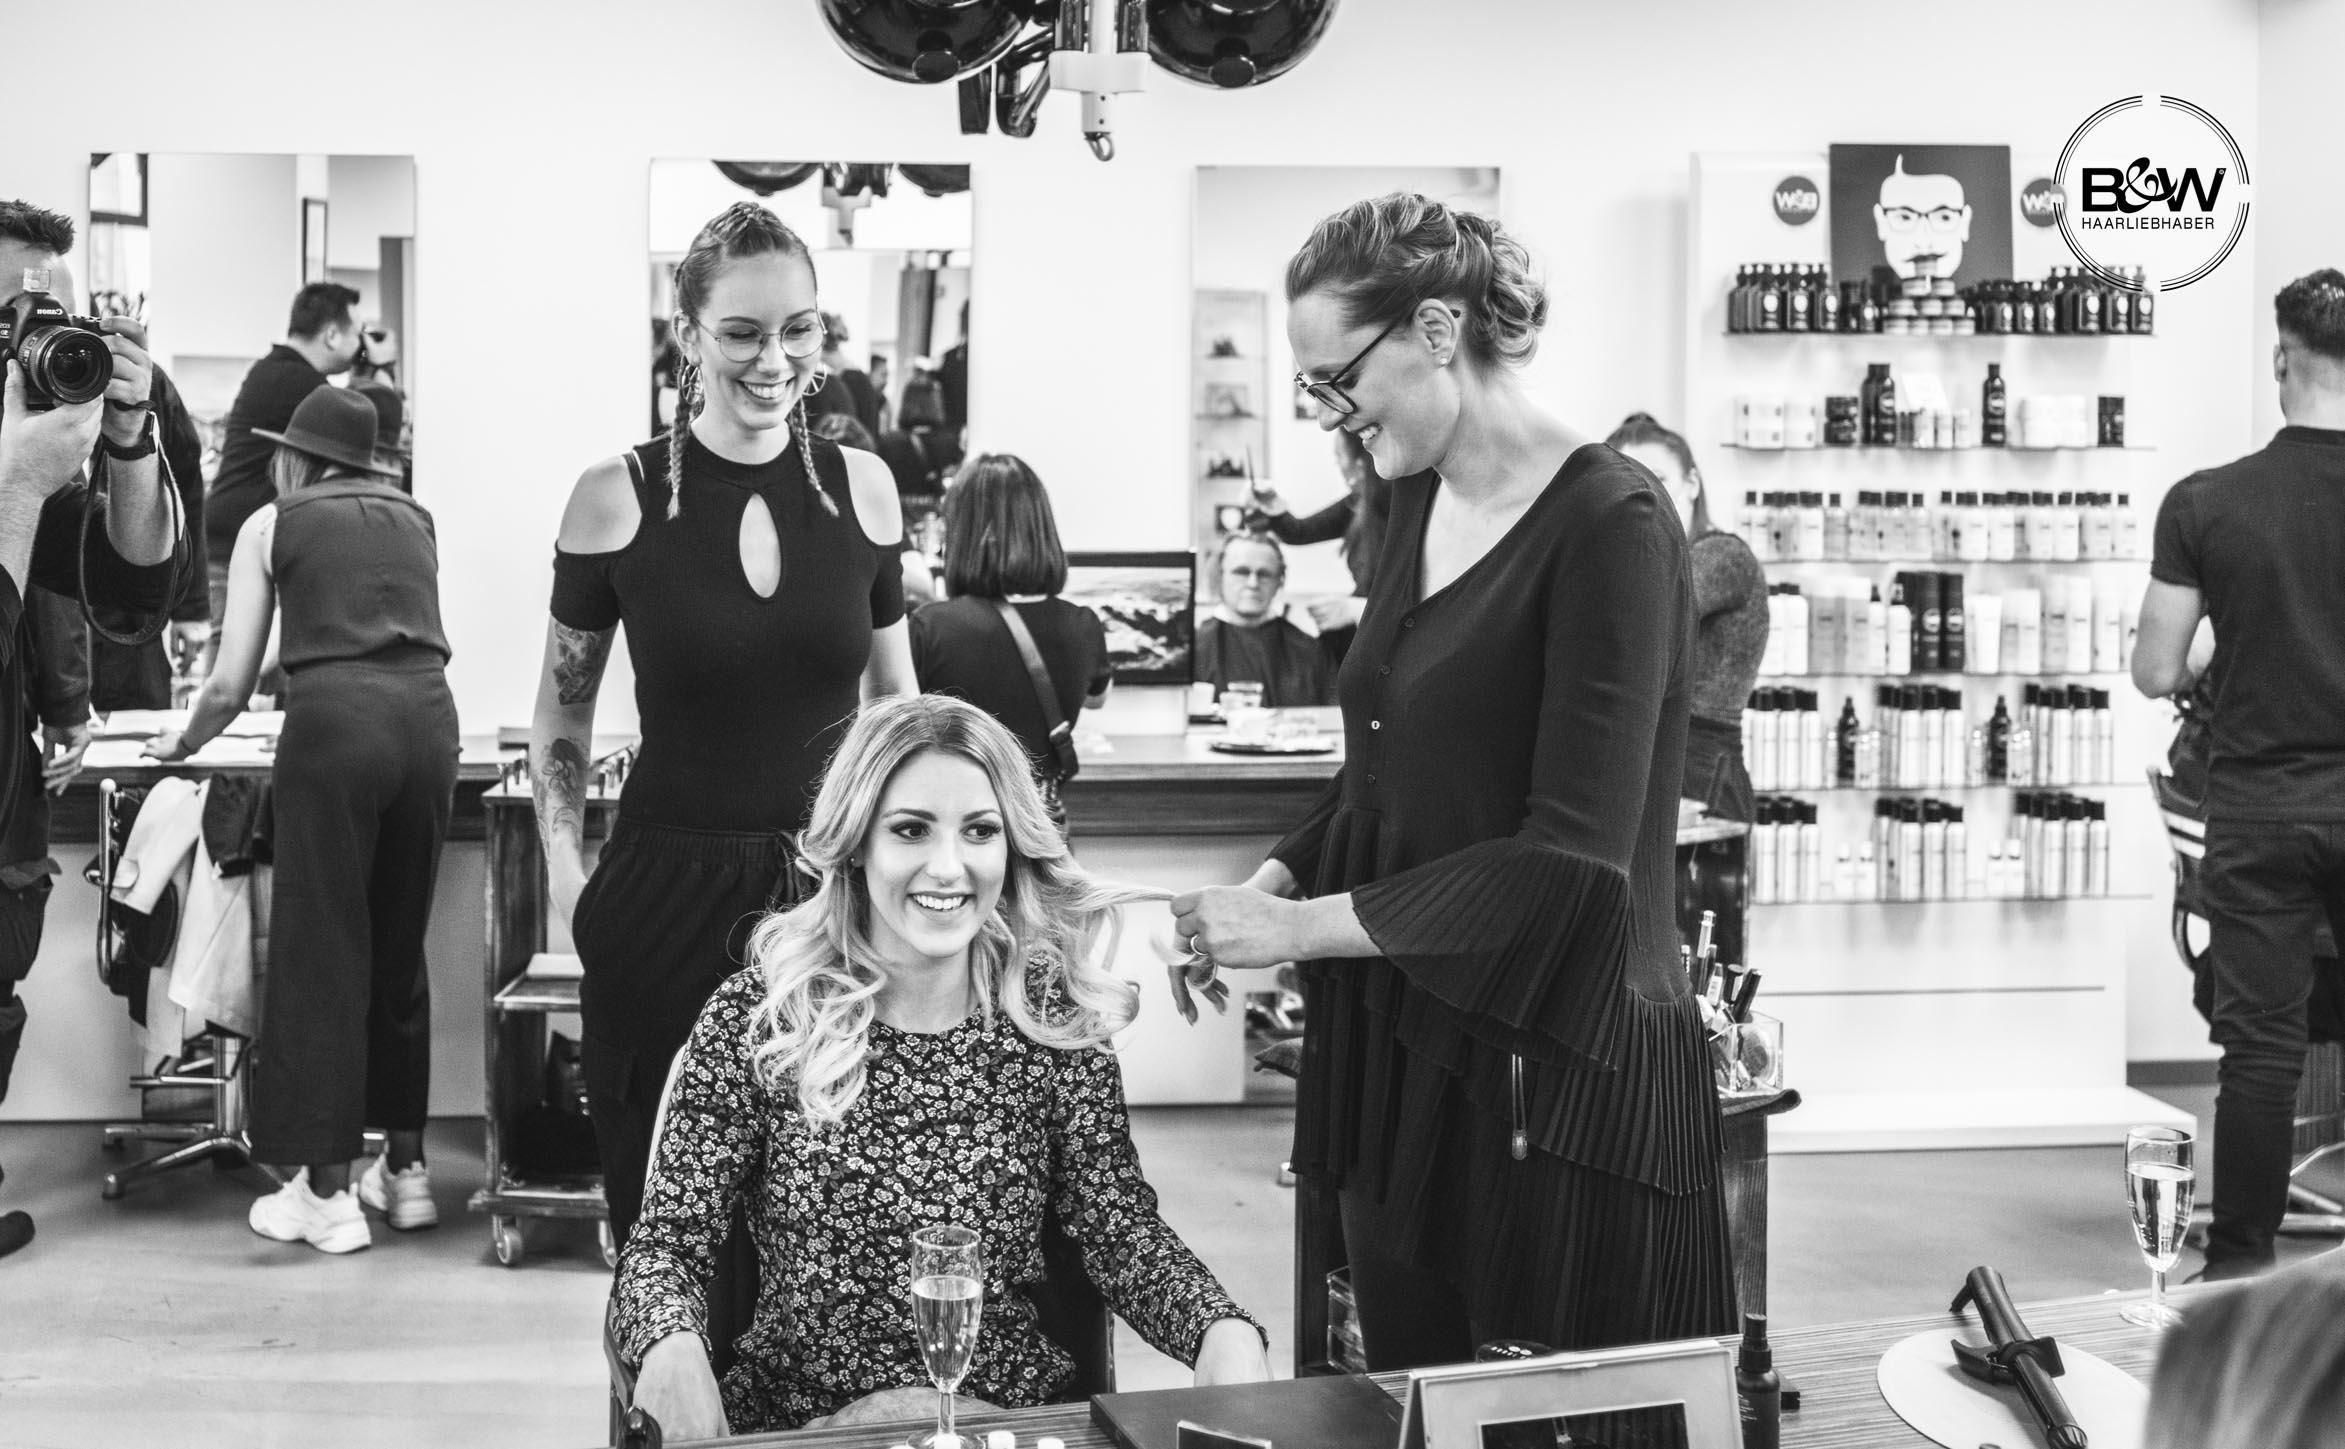 25_B&W-Friseure_Haarliebhaber_Friseur-Dortmund_Kosmetikprodukt_beste-Haarpflege_bester-Friseur_Malvins_at-malvins_Haar_styling_Deutschland_haarliebhaber